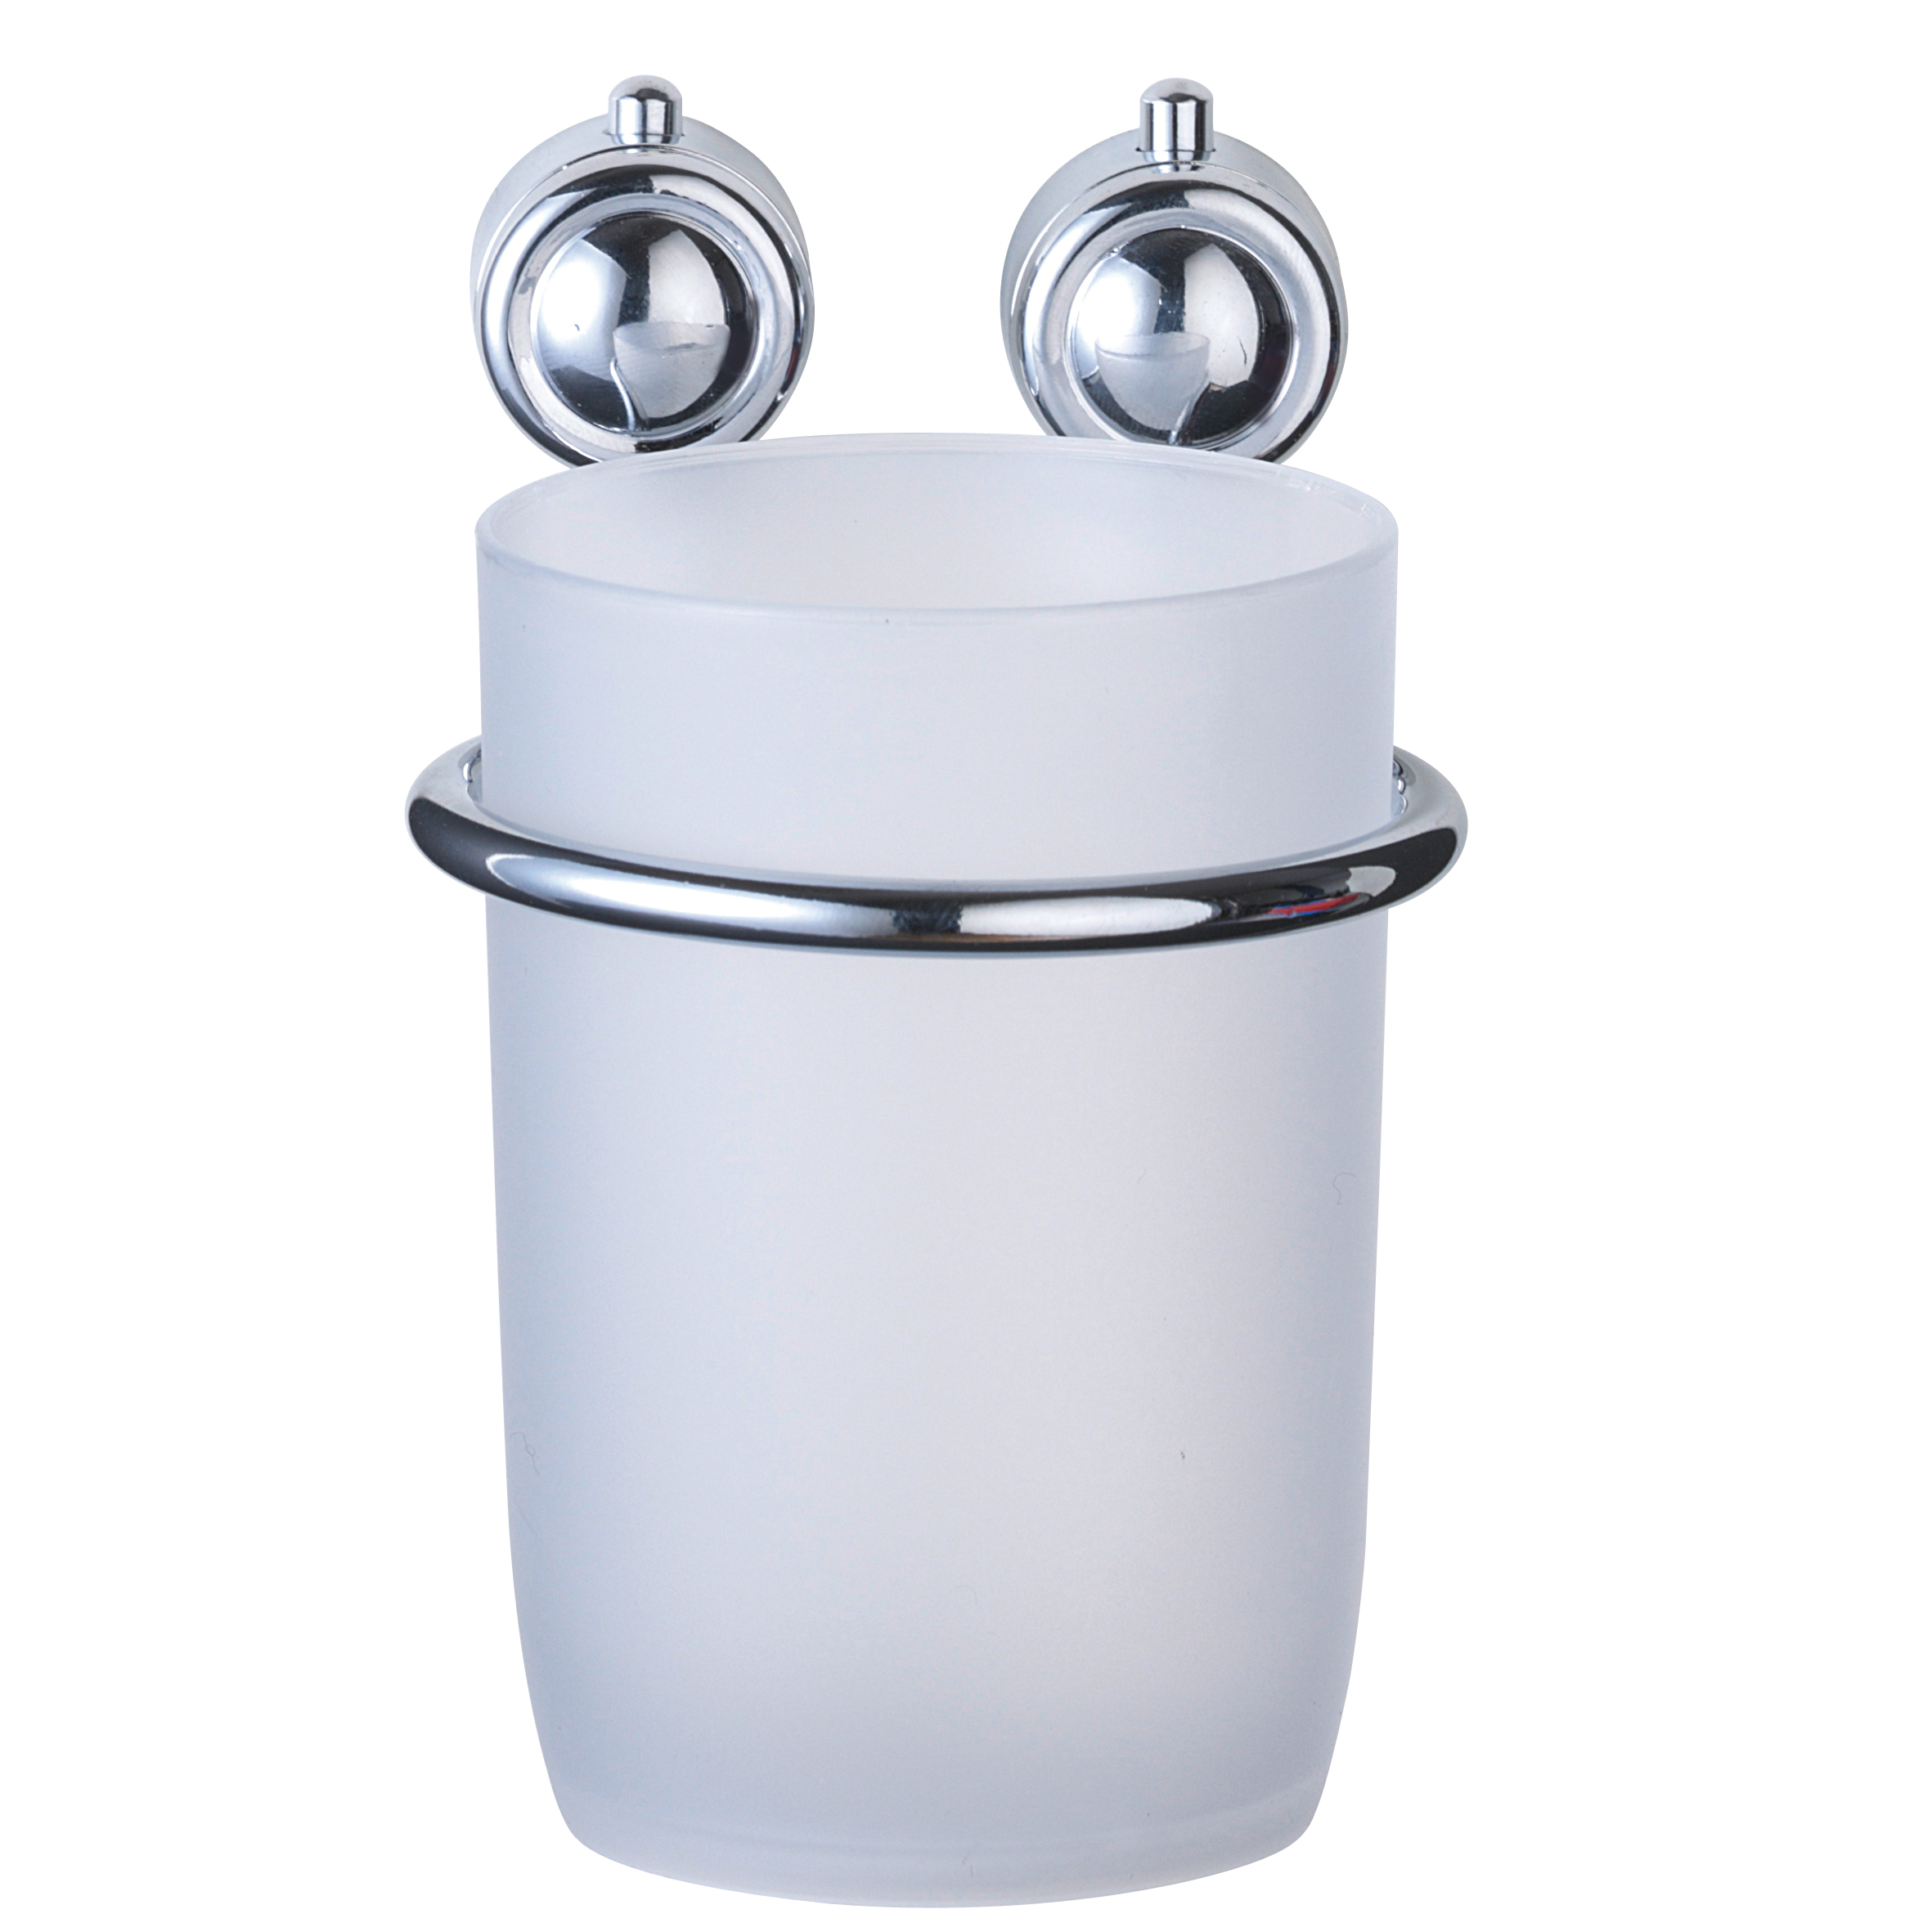 Стакан для ванной комнаты Axentia Atlantik, с держателем280020Стакан для ванной комнаты Axentia Atlantik изготовлен из пластика и высококачественной хромированной стали, устойчивой к высокой влажности. Стакан с настенным держателем отлично подойдет для вашей ванной комнаты. Изделие крепится к стене с помощью шурупов (входят в комплект).Стакан создаст особую атмосферу уюта и максимального комфорта в ванной.